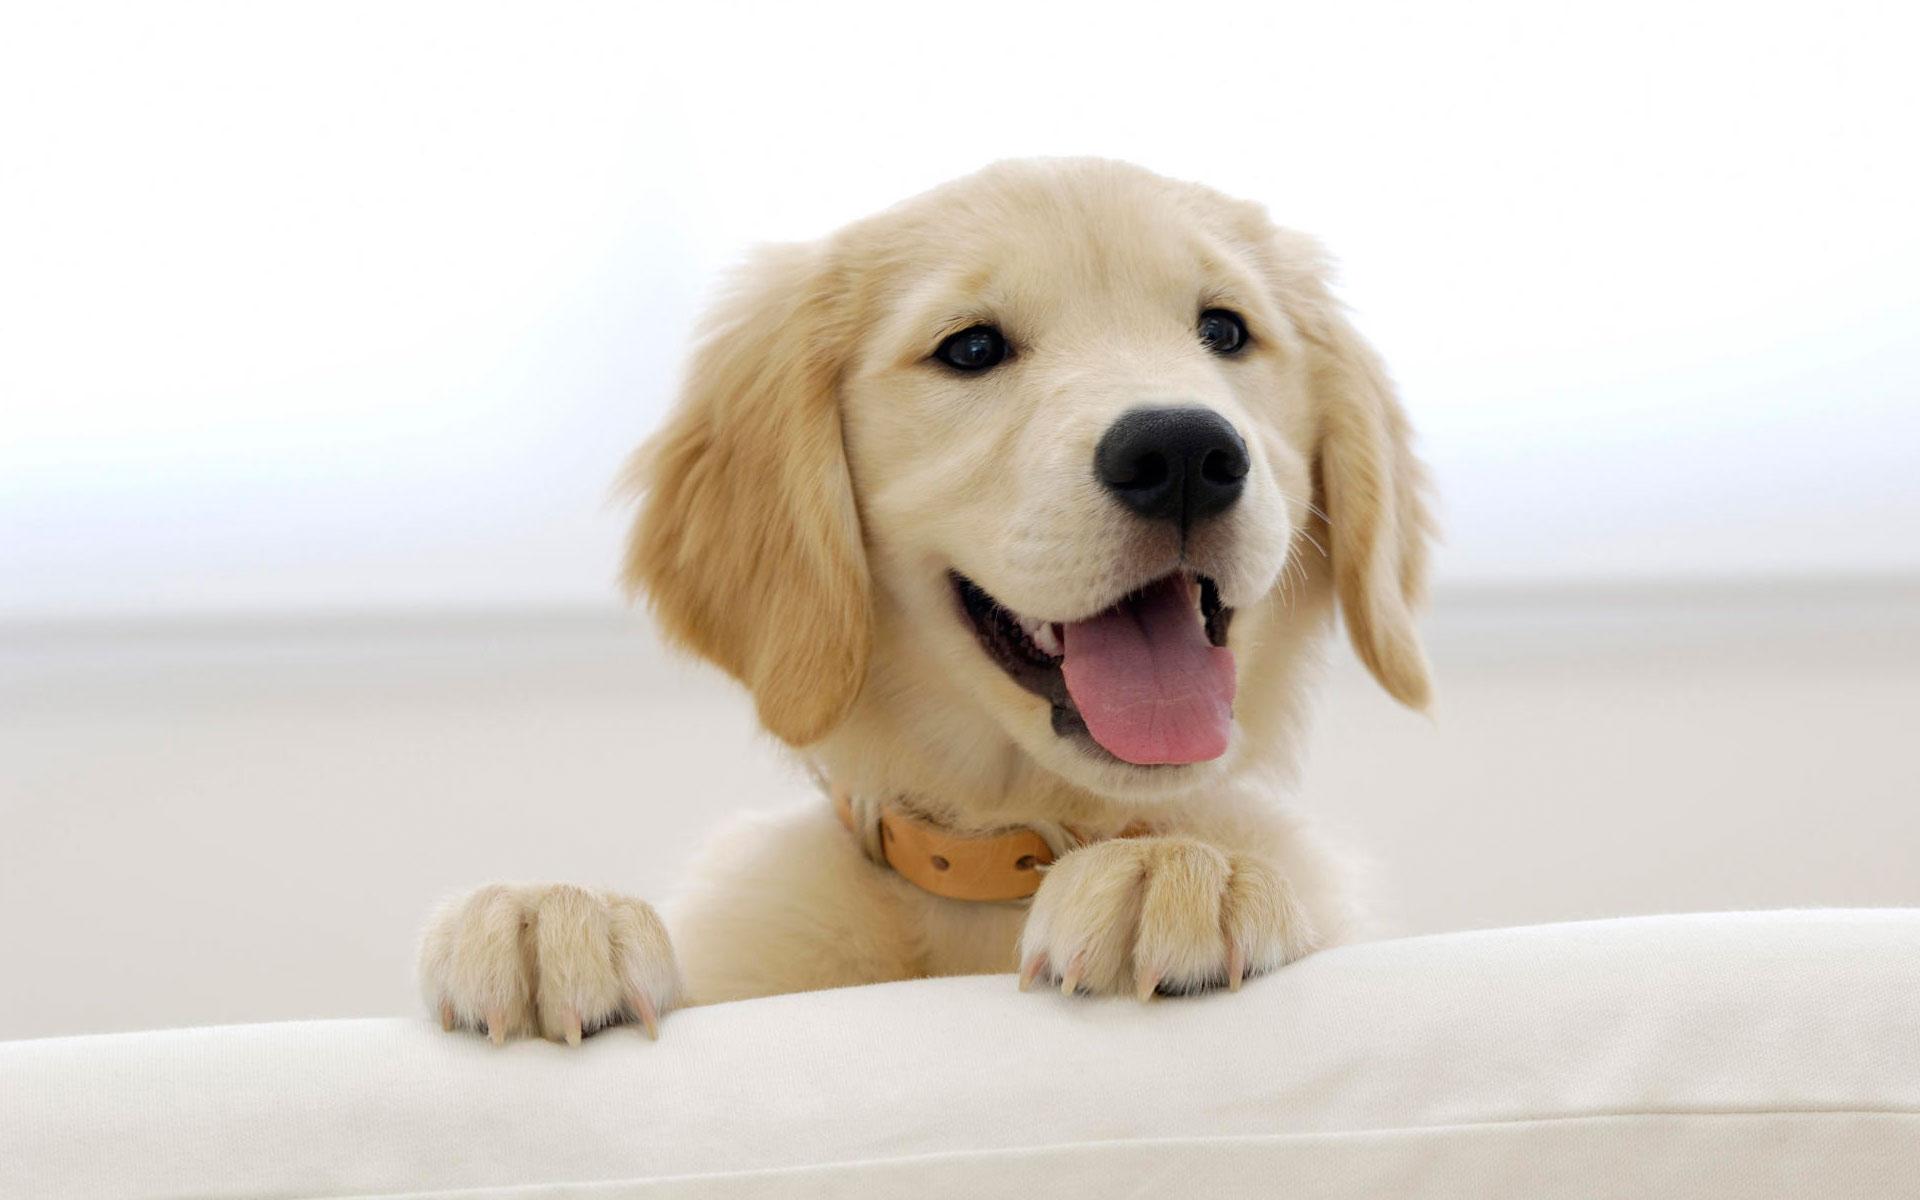 46] Golden Retriever Puppy Wallpaper on WallpaperSafari 1920x1200